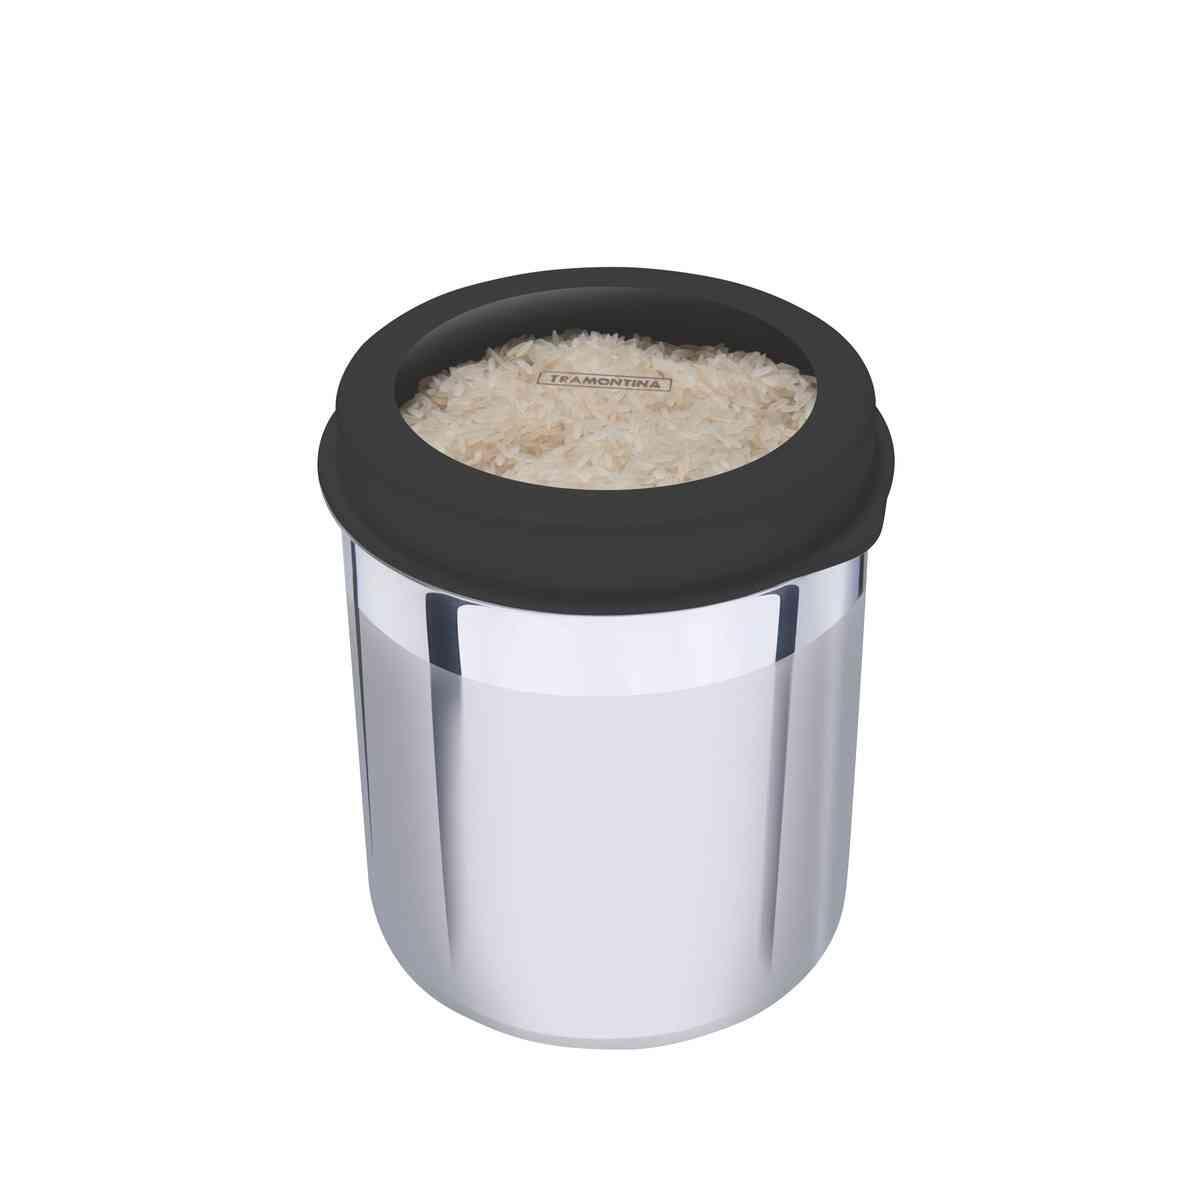 Pote Tramontina em Aço Inox com Tampa Plástica Preta e Visor 18,5 cm 5,2 L Tramontina 61227183